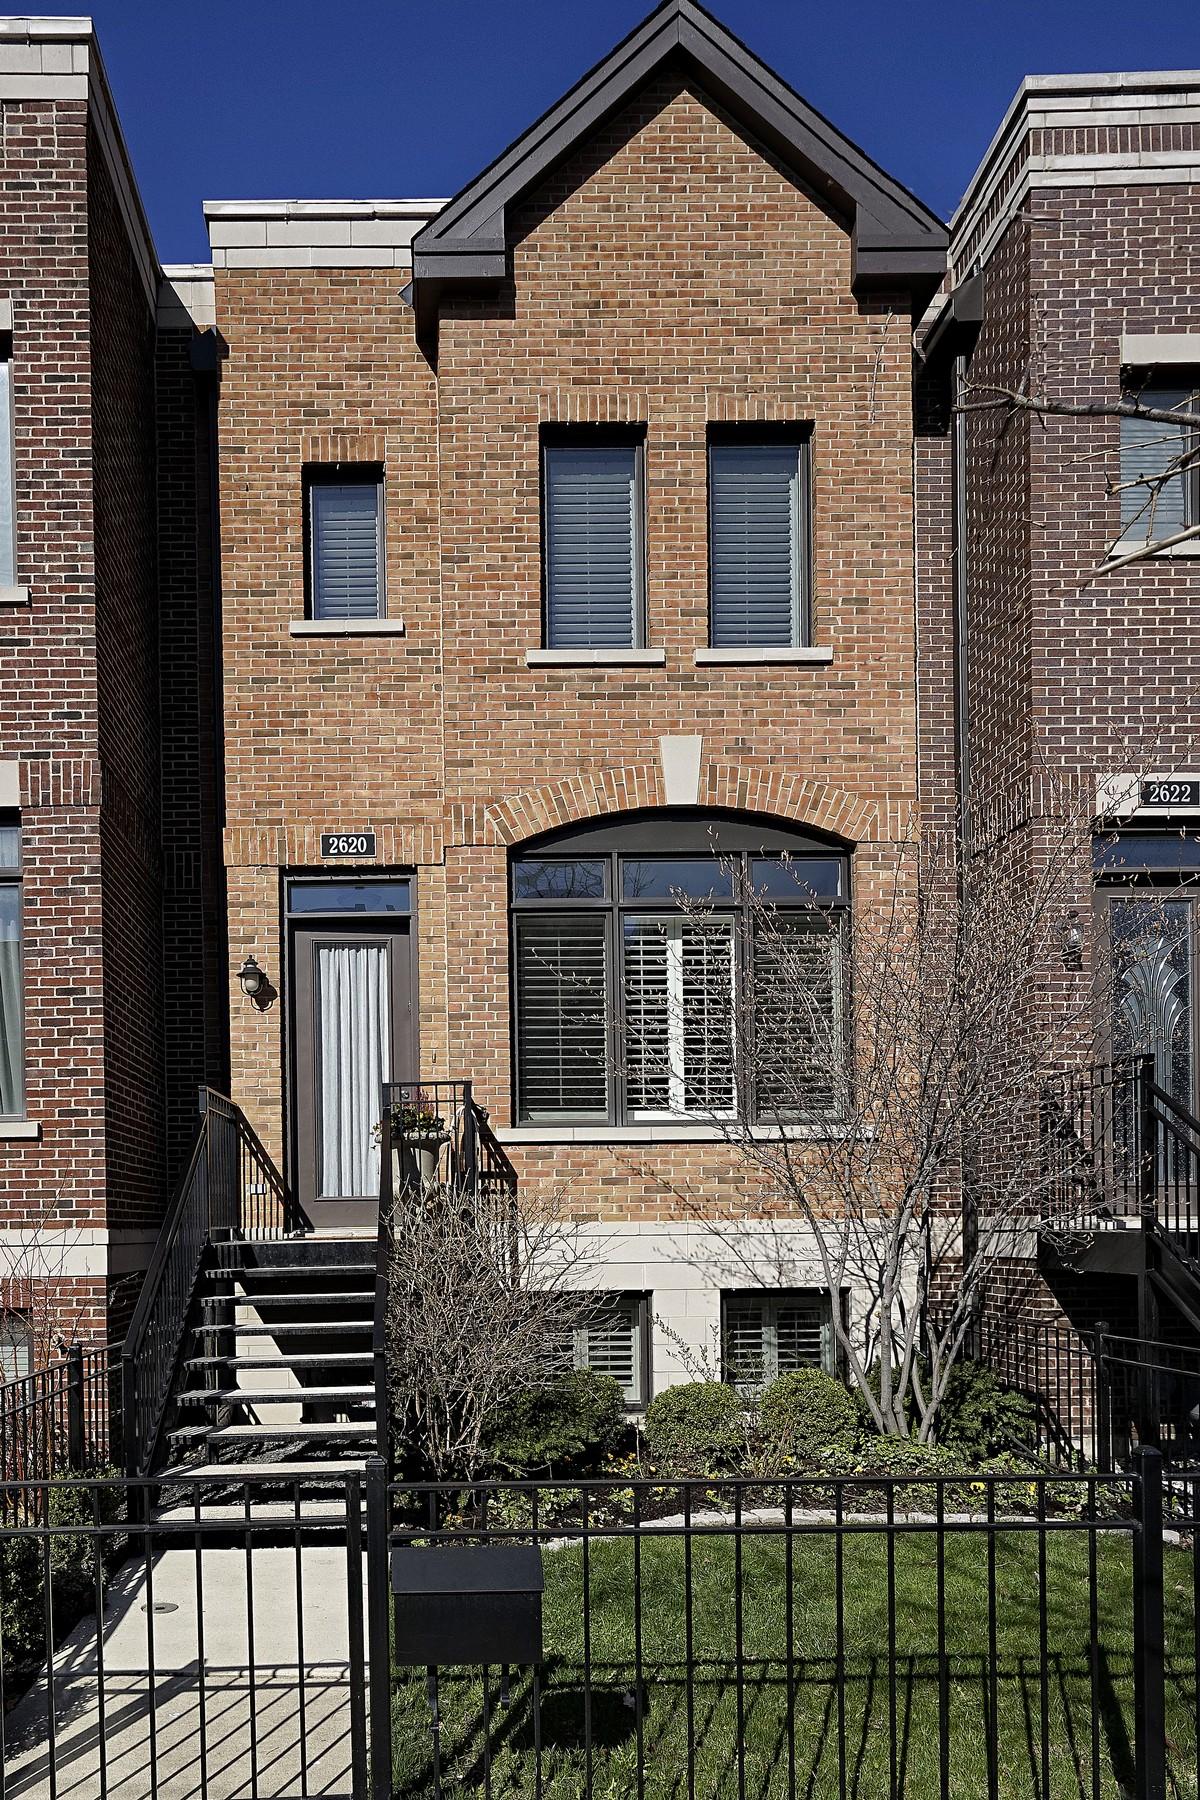 獨棟家庭住宅 為 出售 在 Stunning Brick Row Home 2620 N Paulina Street Lincoln Park, Chicago, 伊利諾斯州, 60614 美國